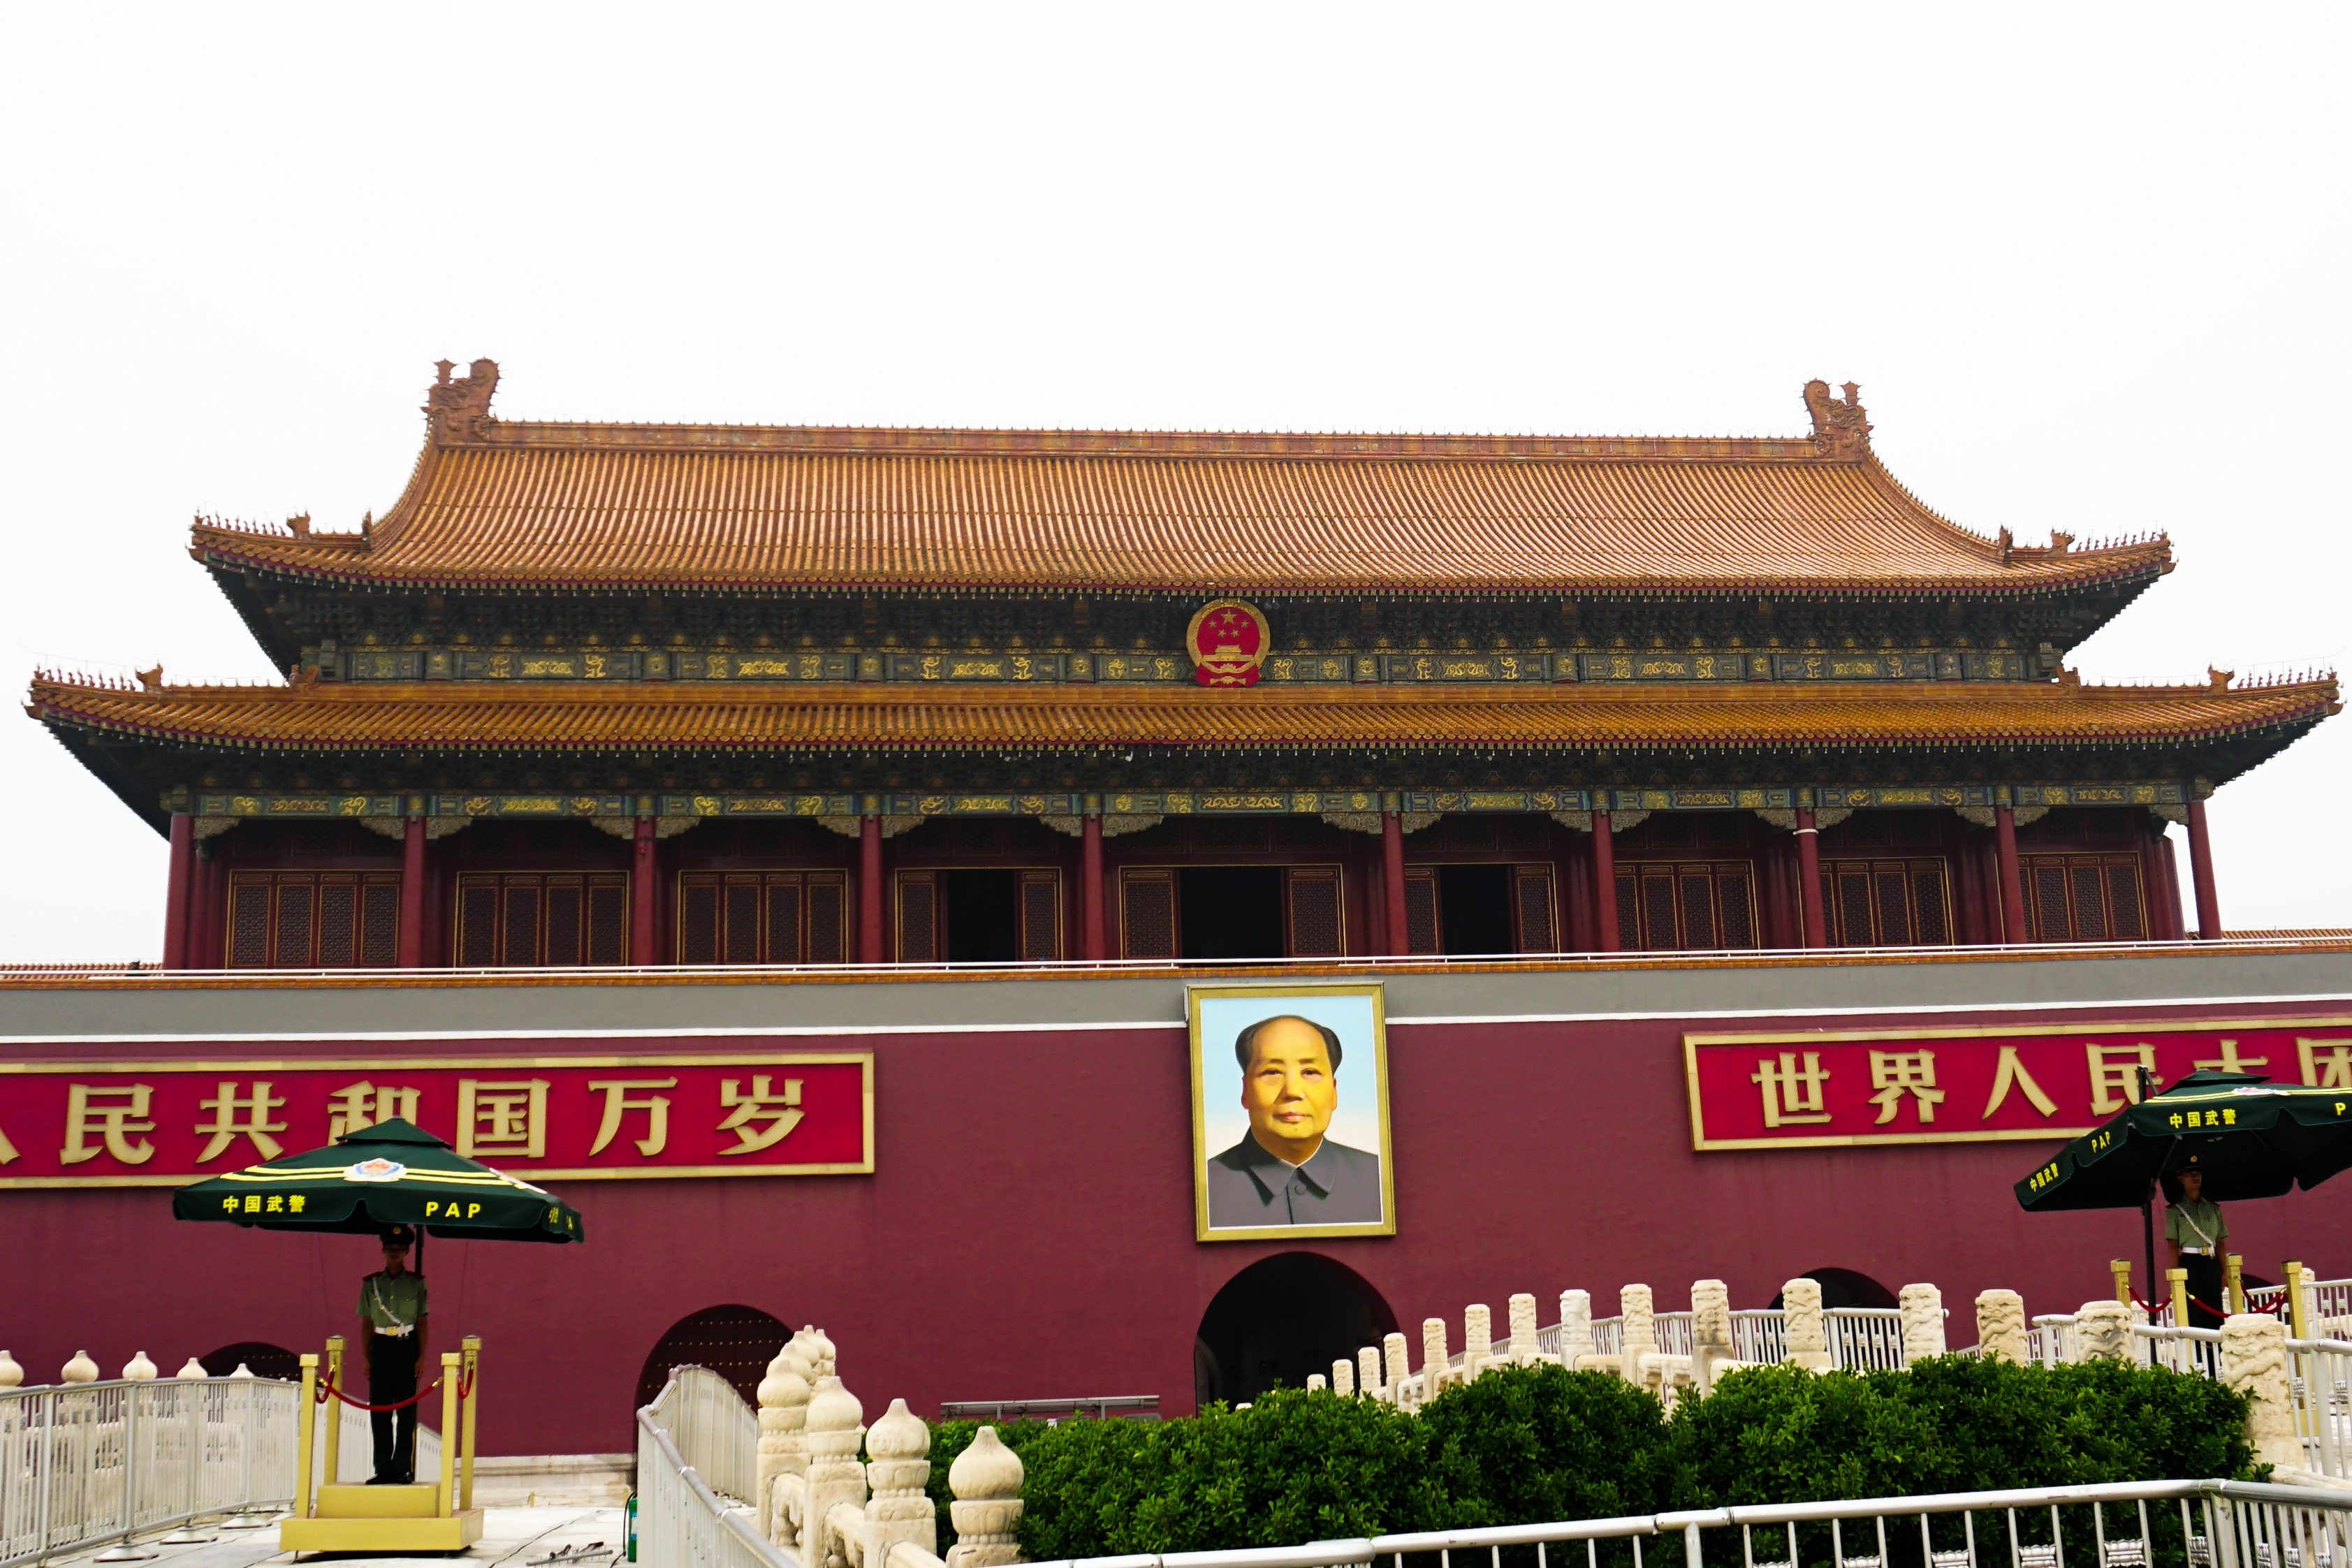 #1. 중국 최대 호수를 품은 도시, 시닝(청해성)